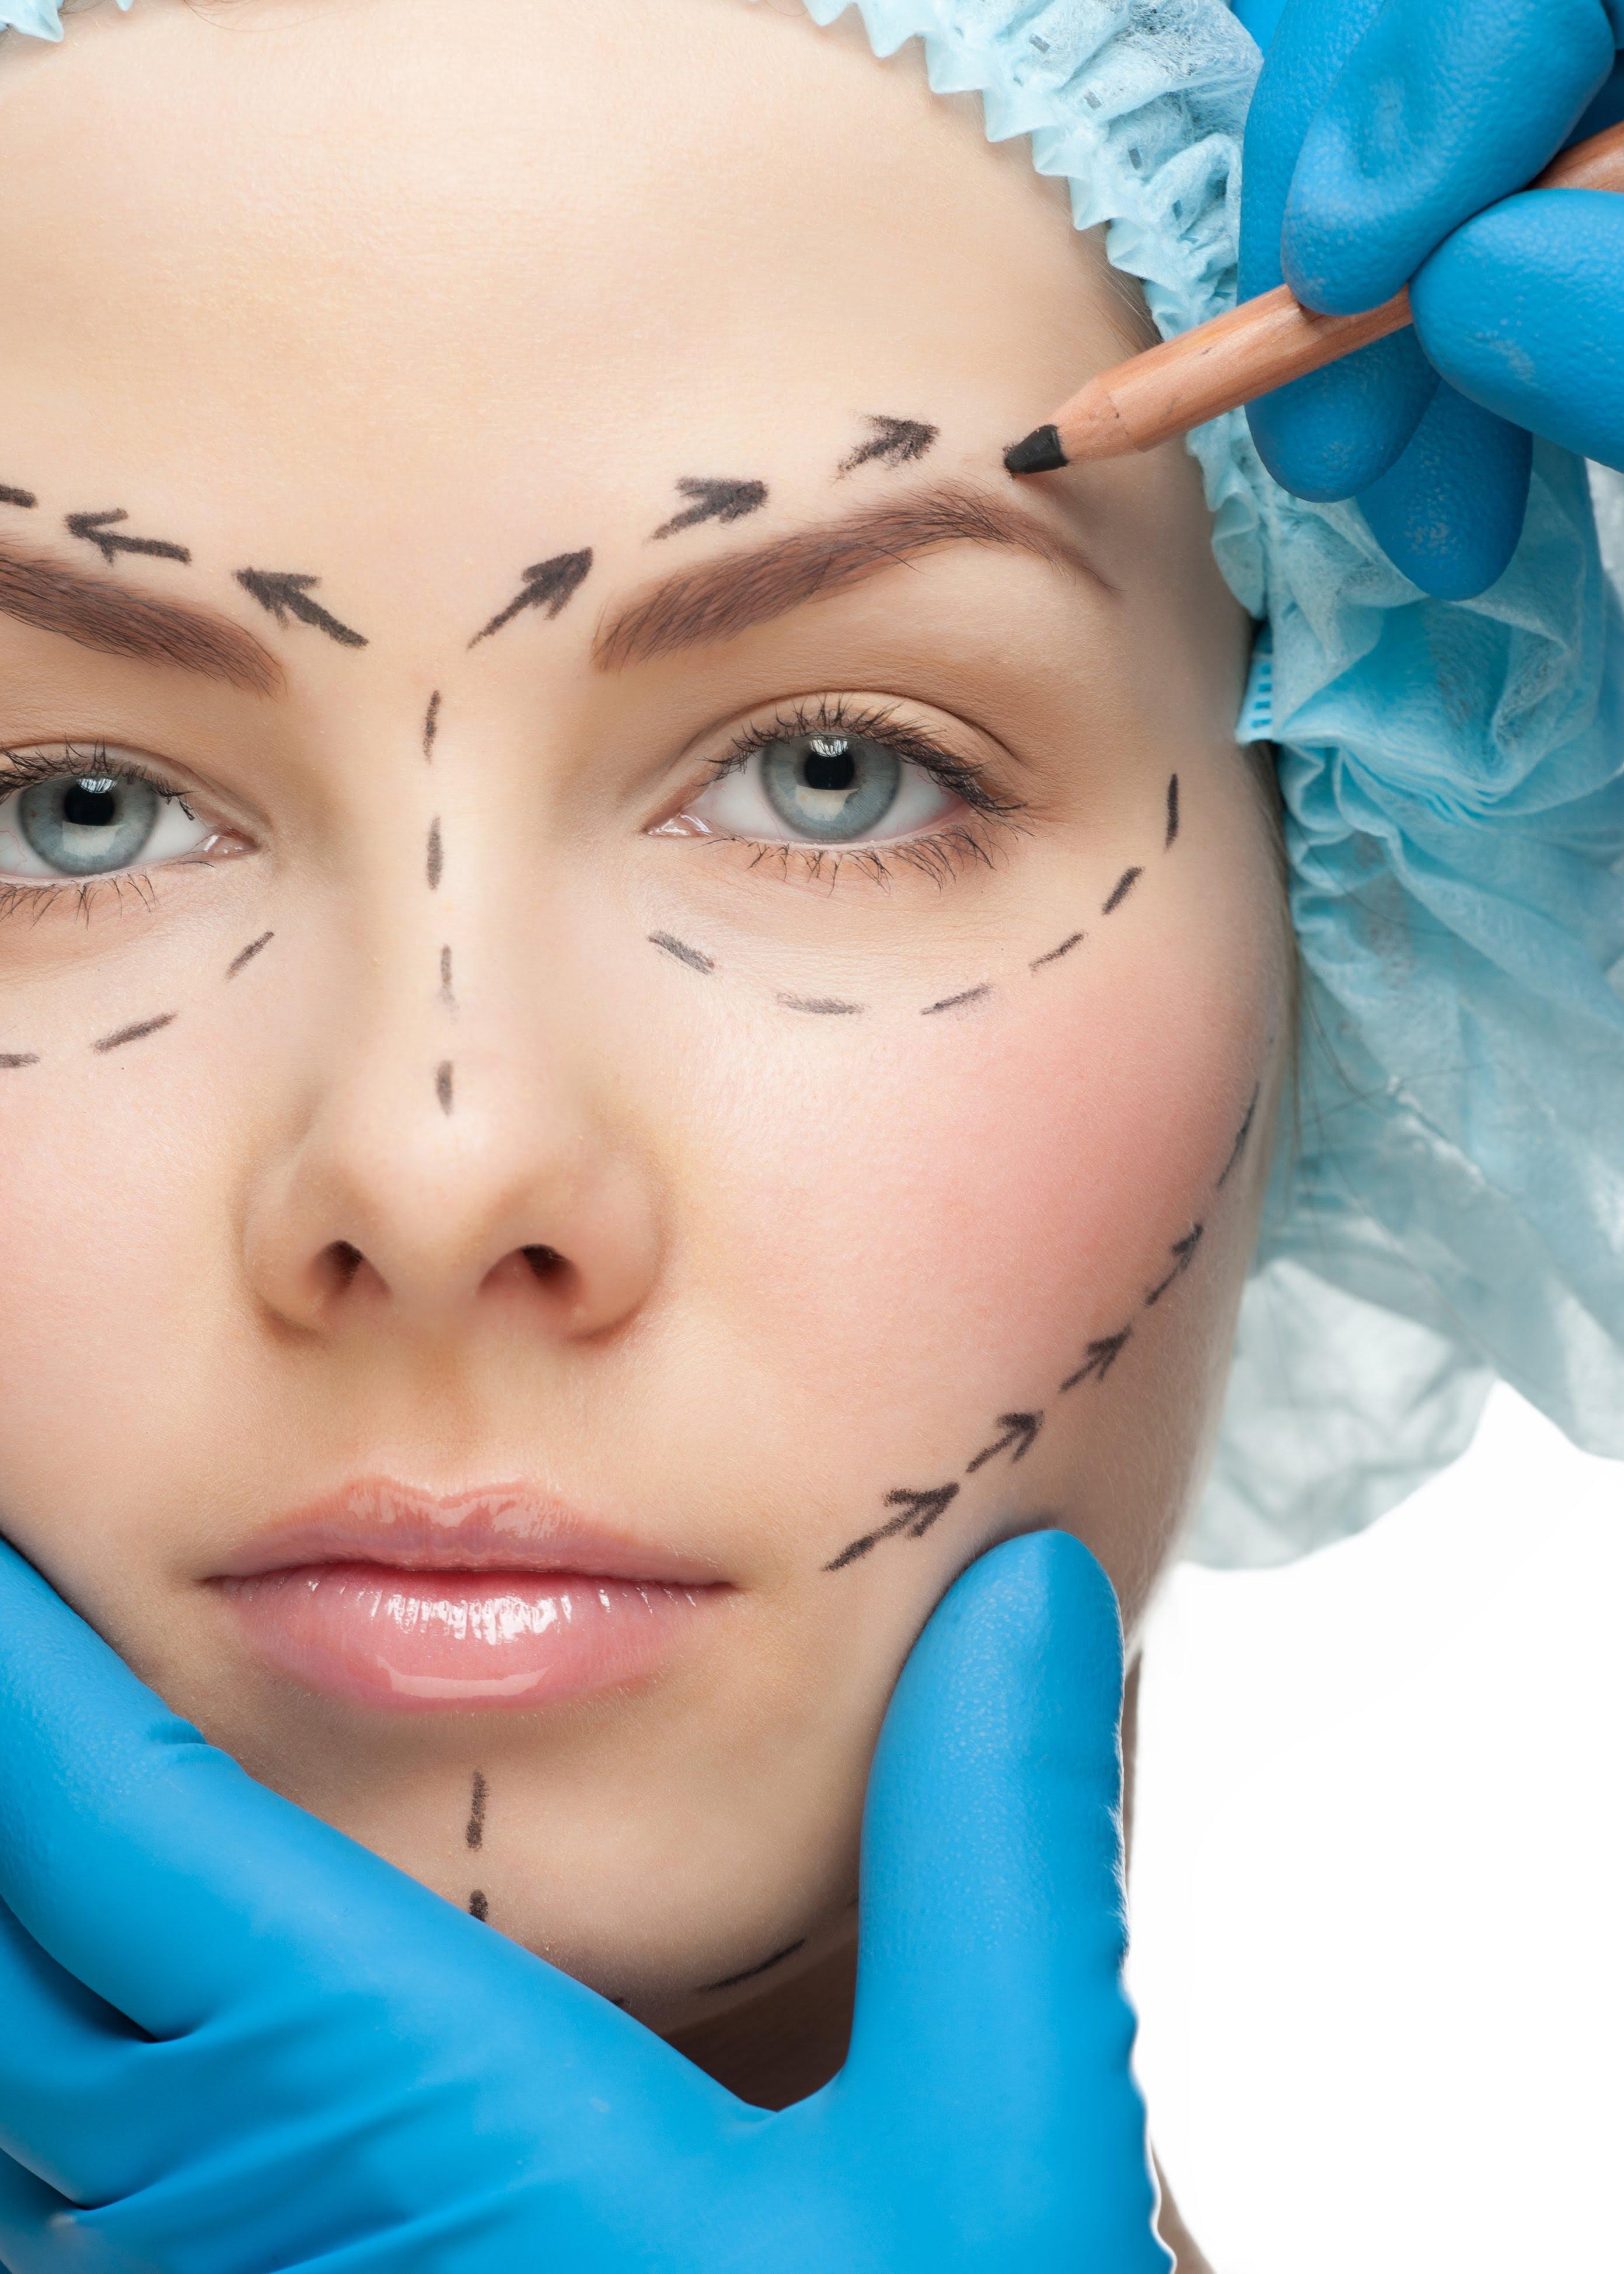 Popular Cosmetic Procedures Korea Versus America